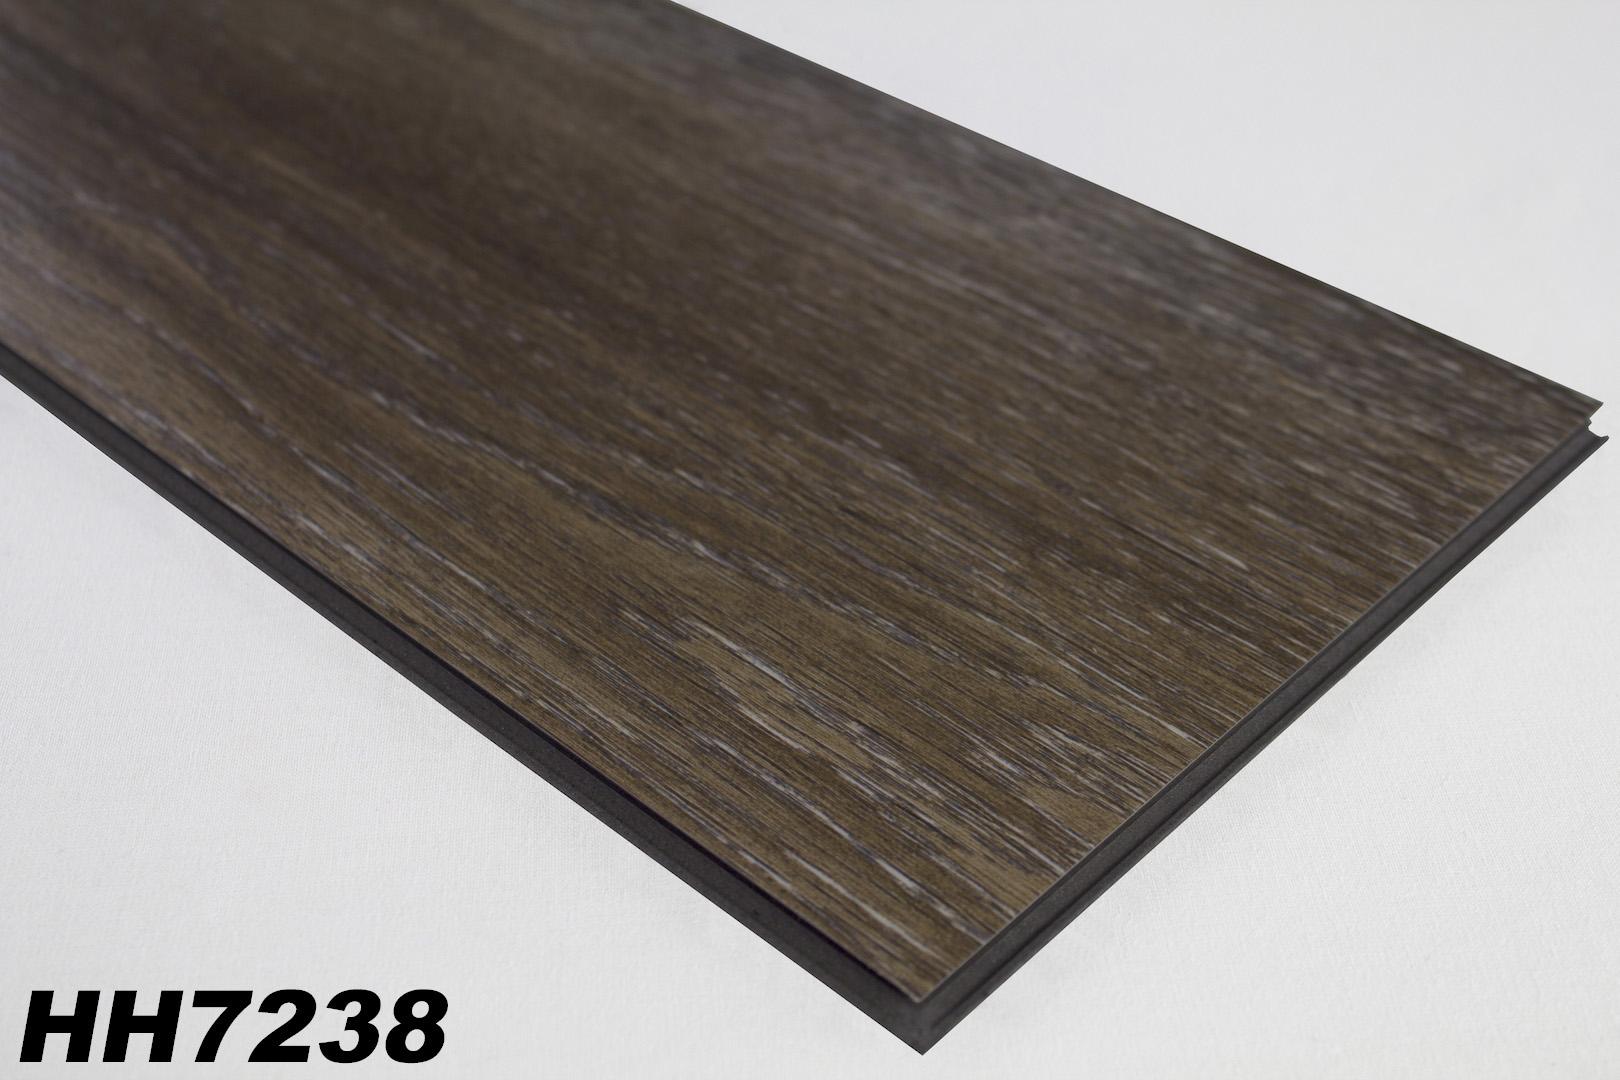 1 m vinylboden in 4 2mm uniclic dielen klick vinyl nutzschicht 0 3mm hh7238 ebay. Black Bedroom Furniture Sets. Home Design Ideas